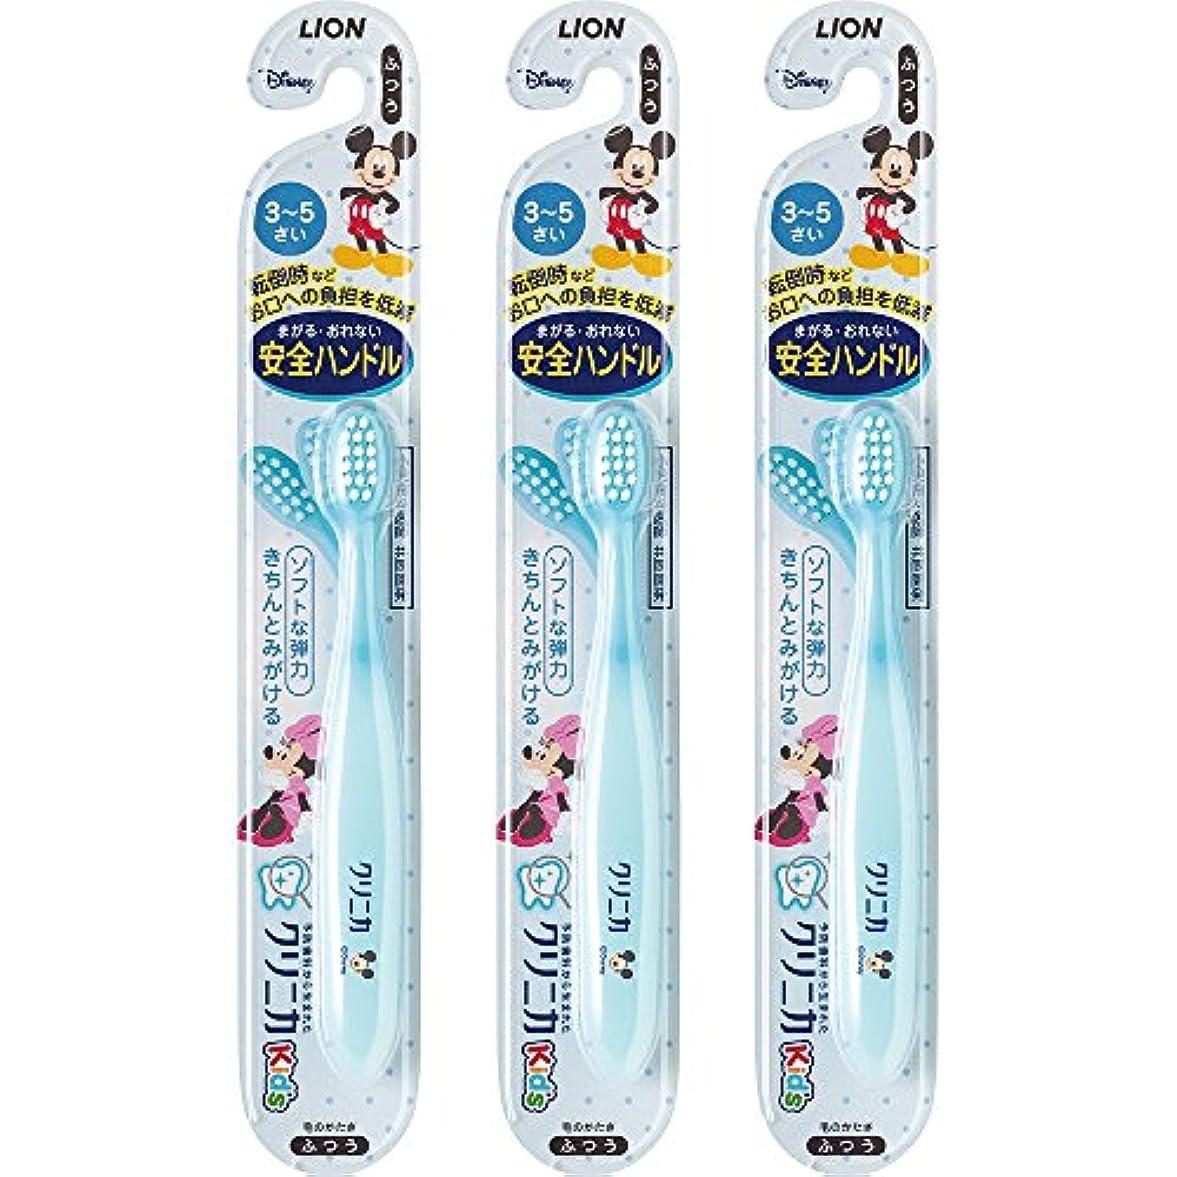 売る電圧強度クリニカKid's ハブラシ 3-5才用 3本パック(ブルー)